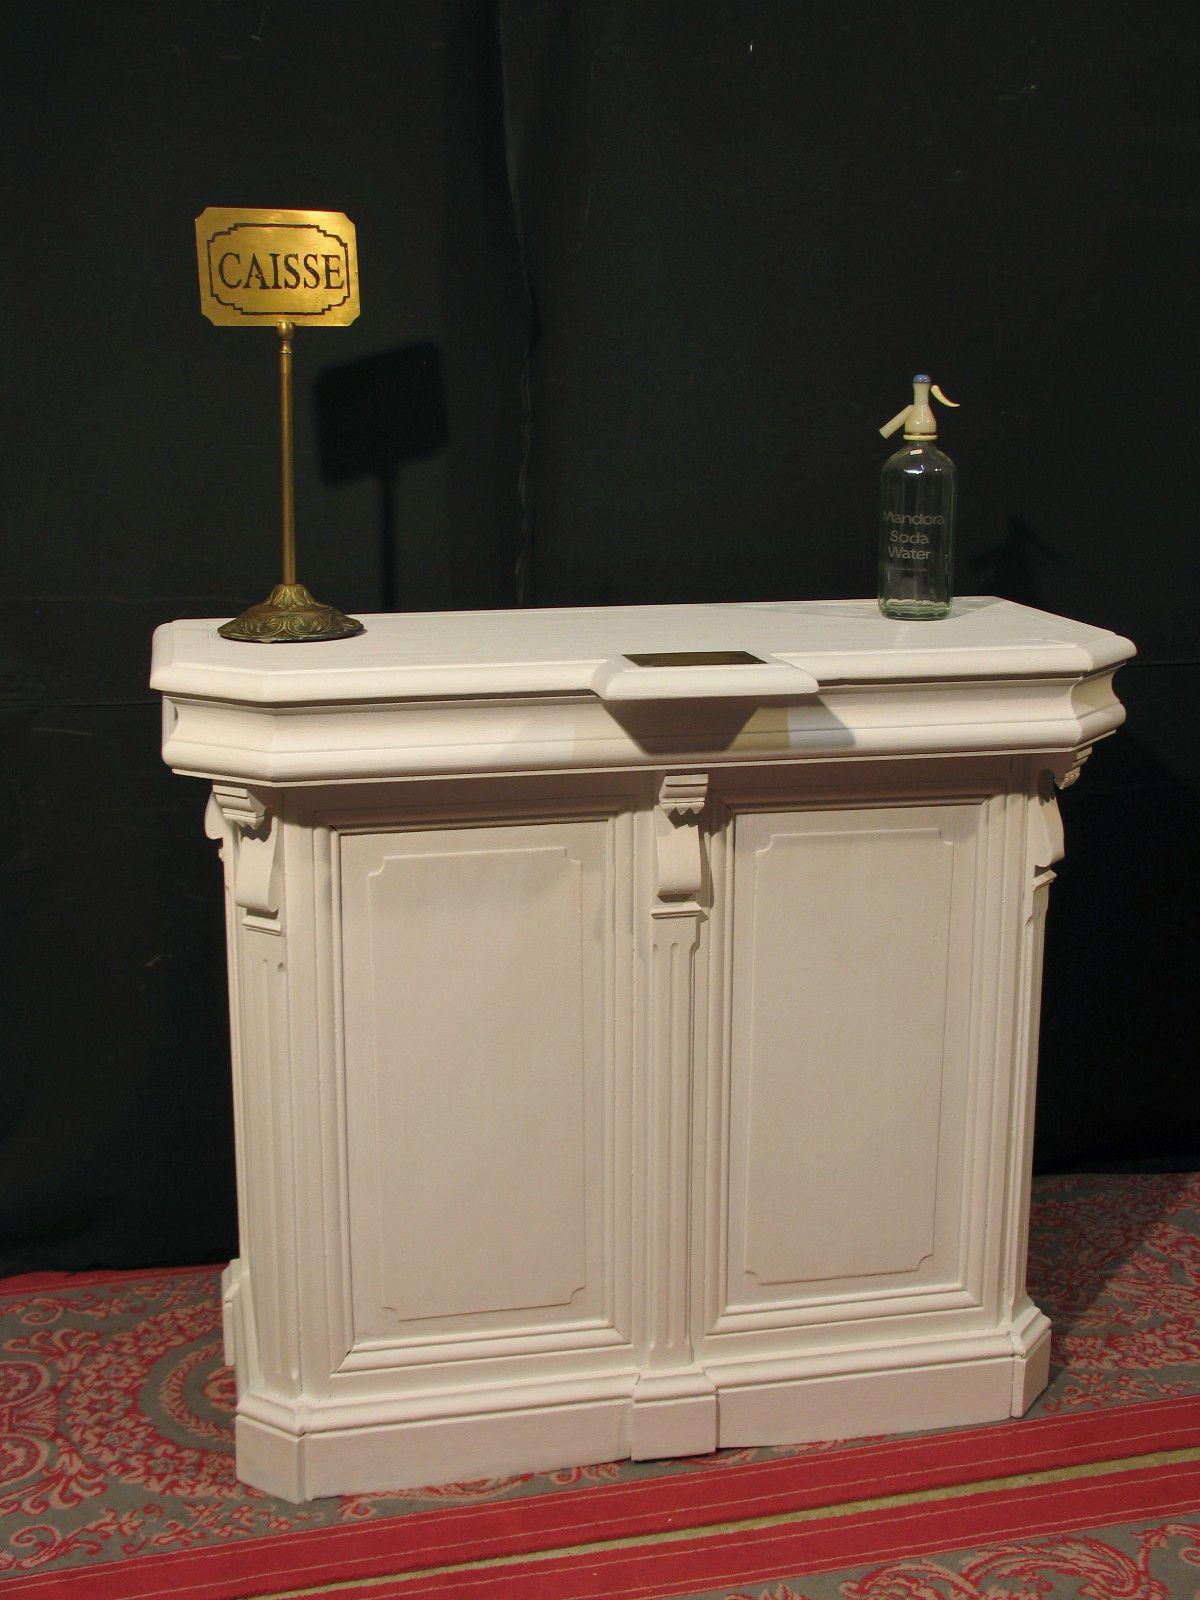 """Ancien ptoir Caisse """" 1900 """" EN Bois Patiné Blanc BAR Meuble"""